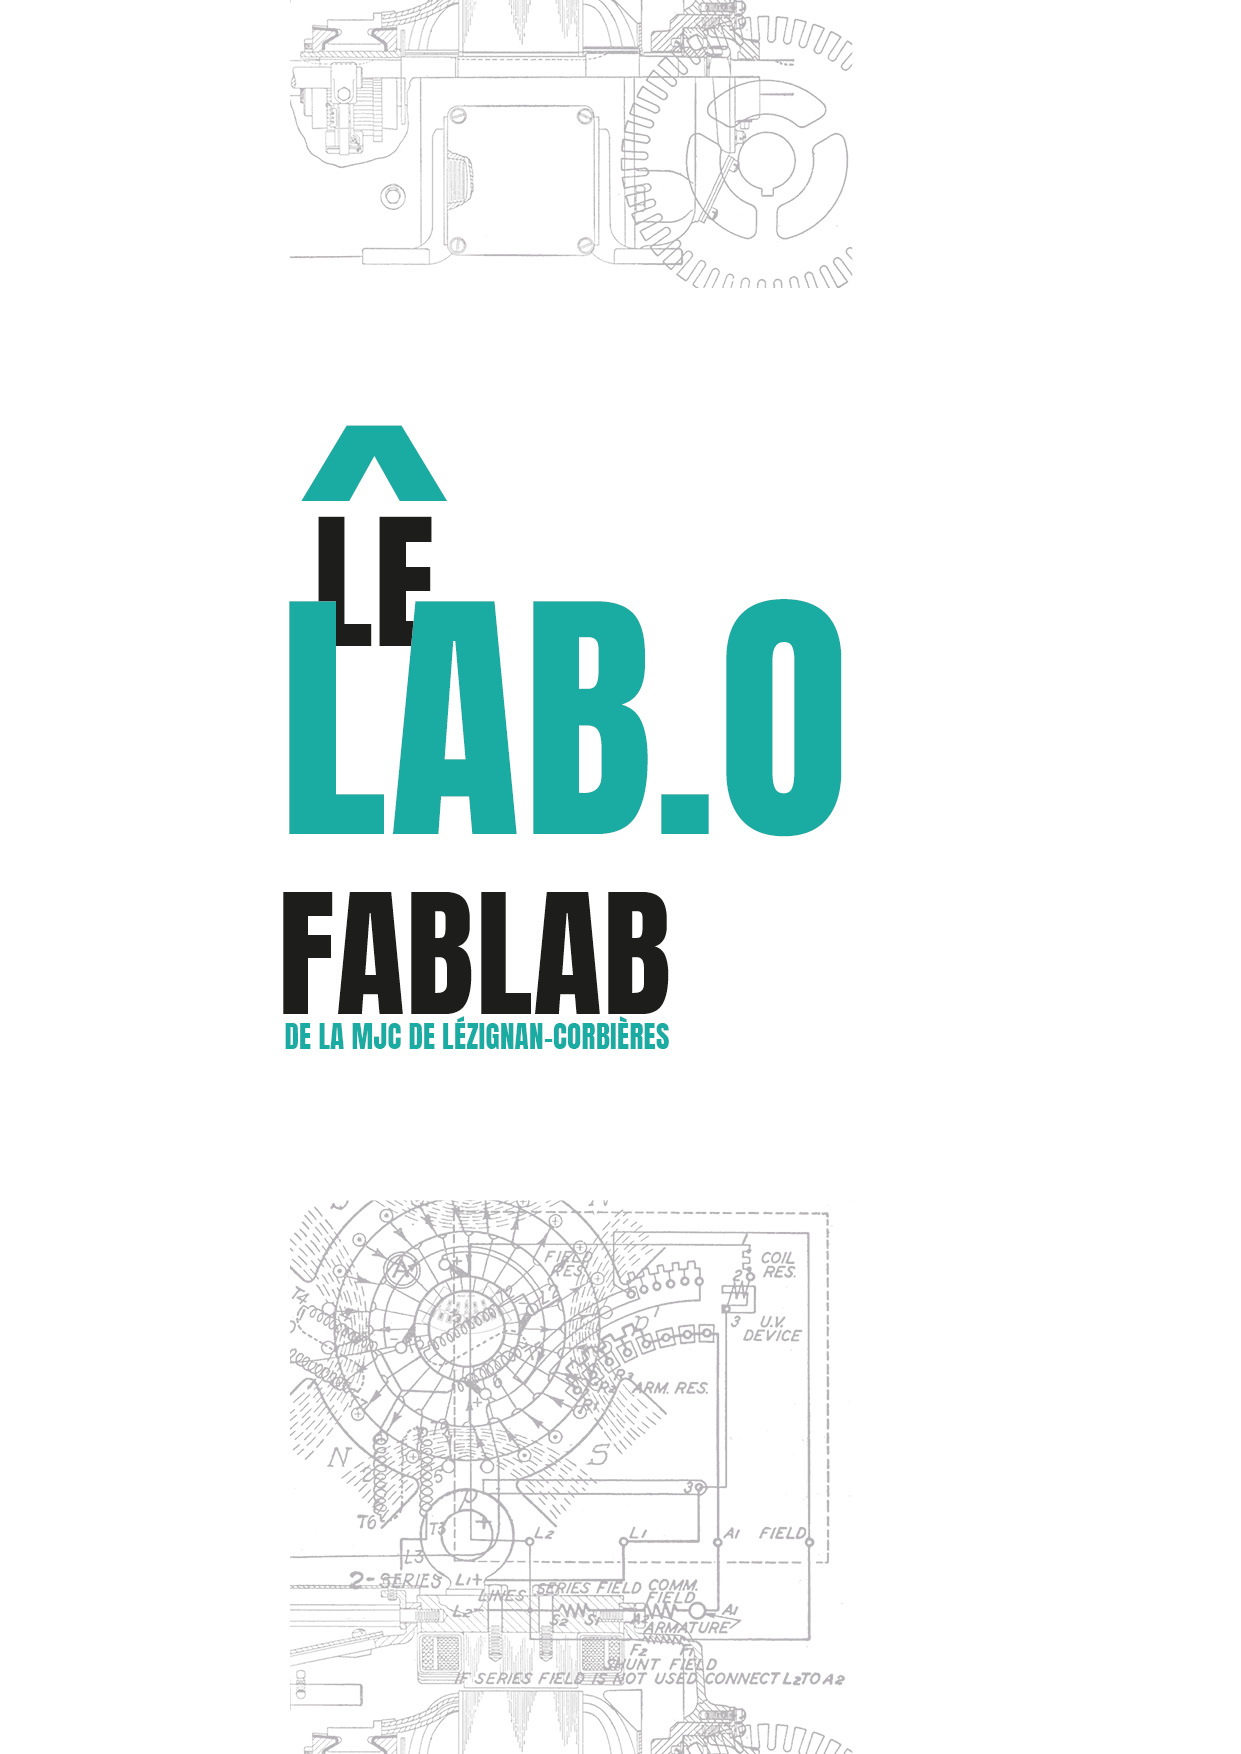 Budget participatif, le Fablab éco-citoyen sera bien financé